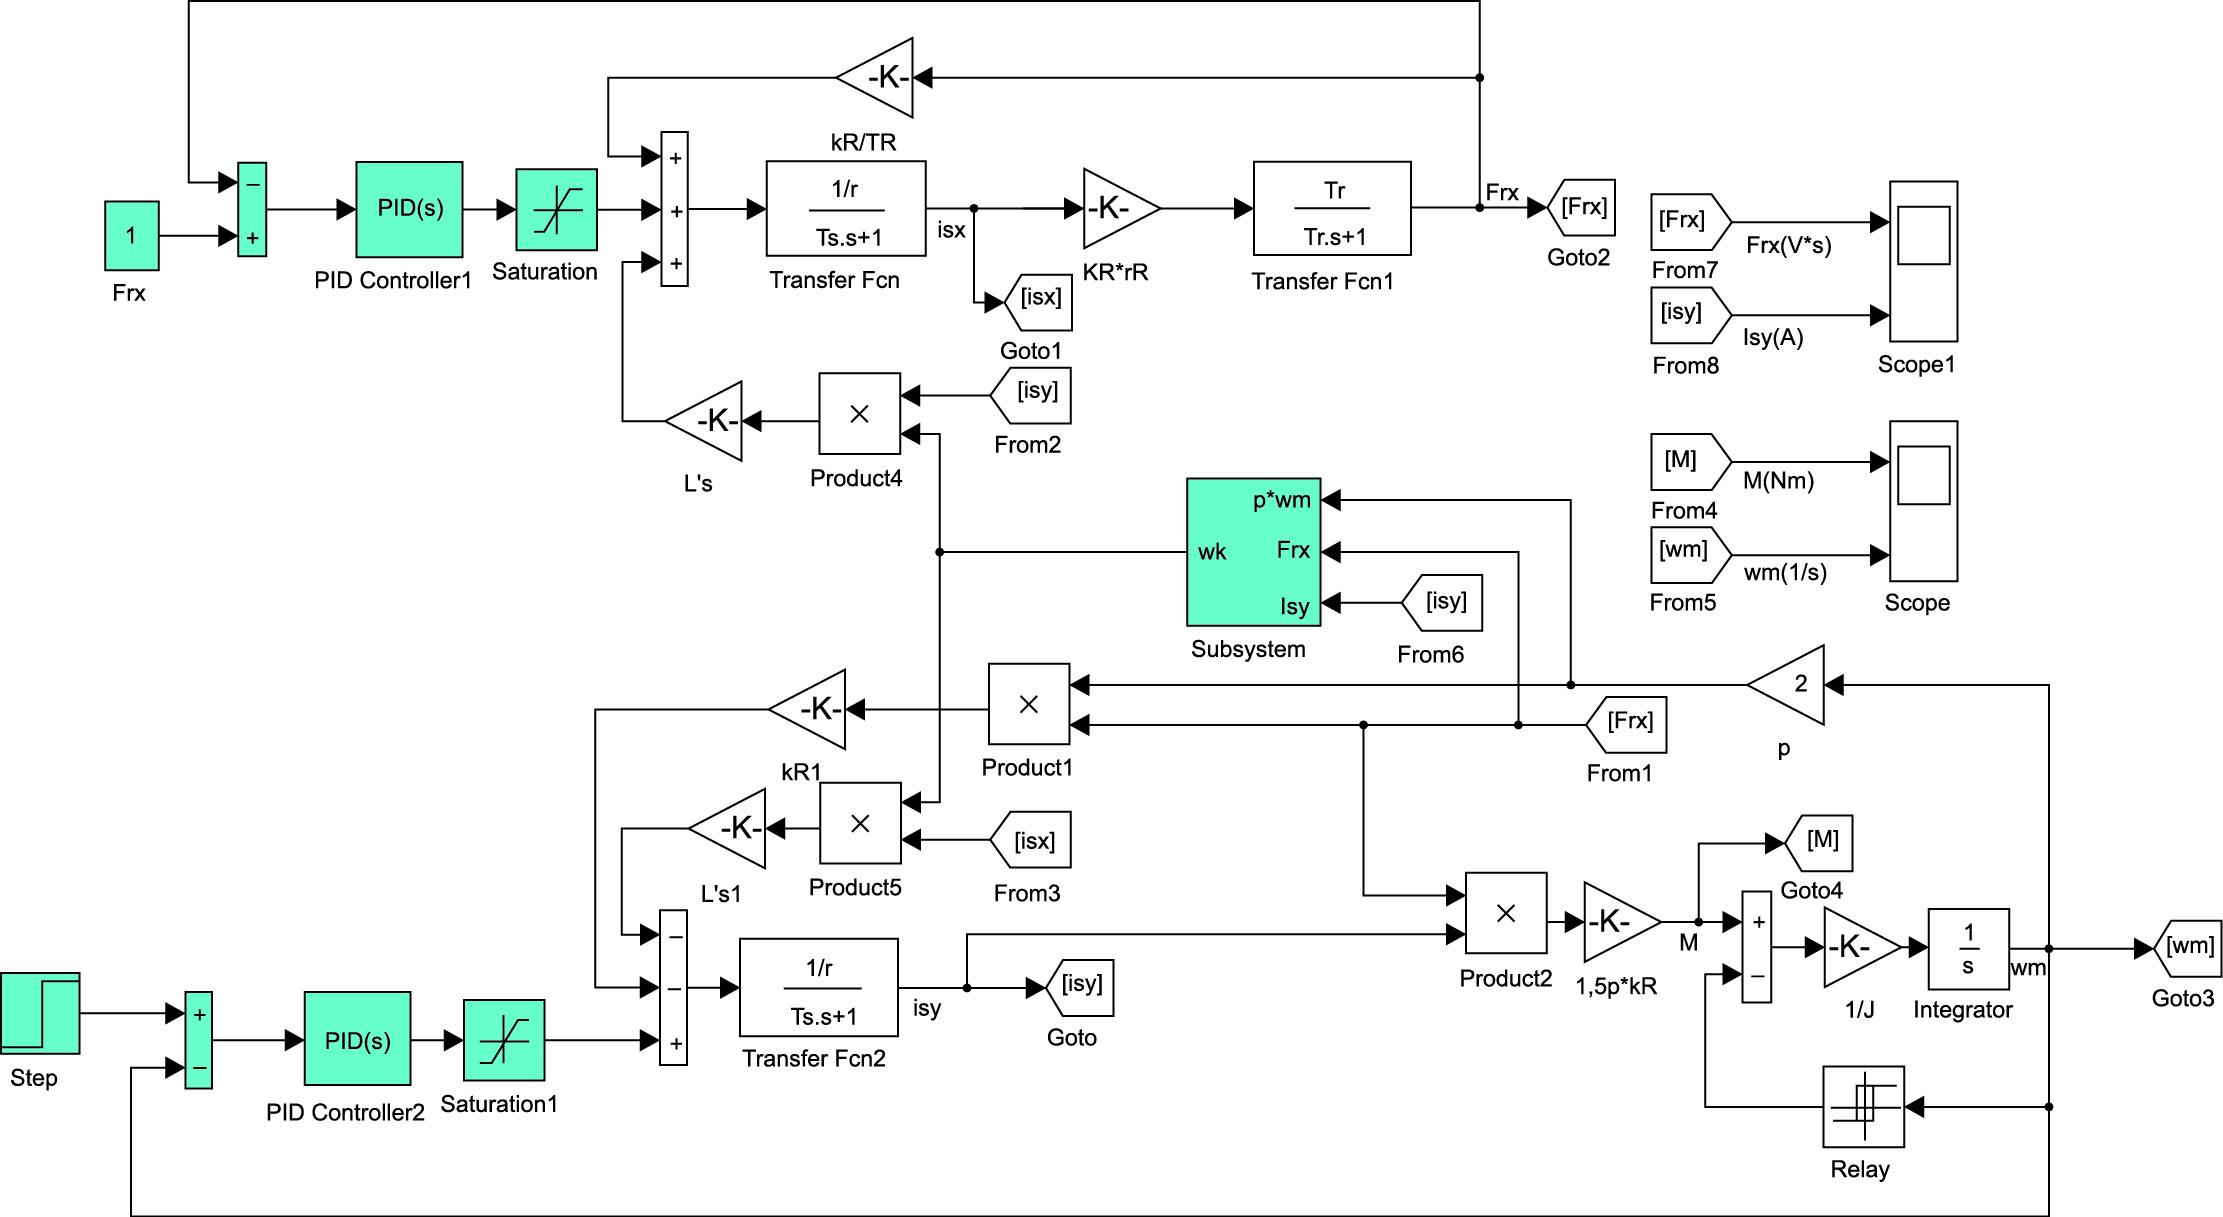 Структурная схема замкнутой асинхронной системы с векторным управлением